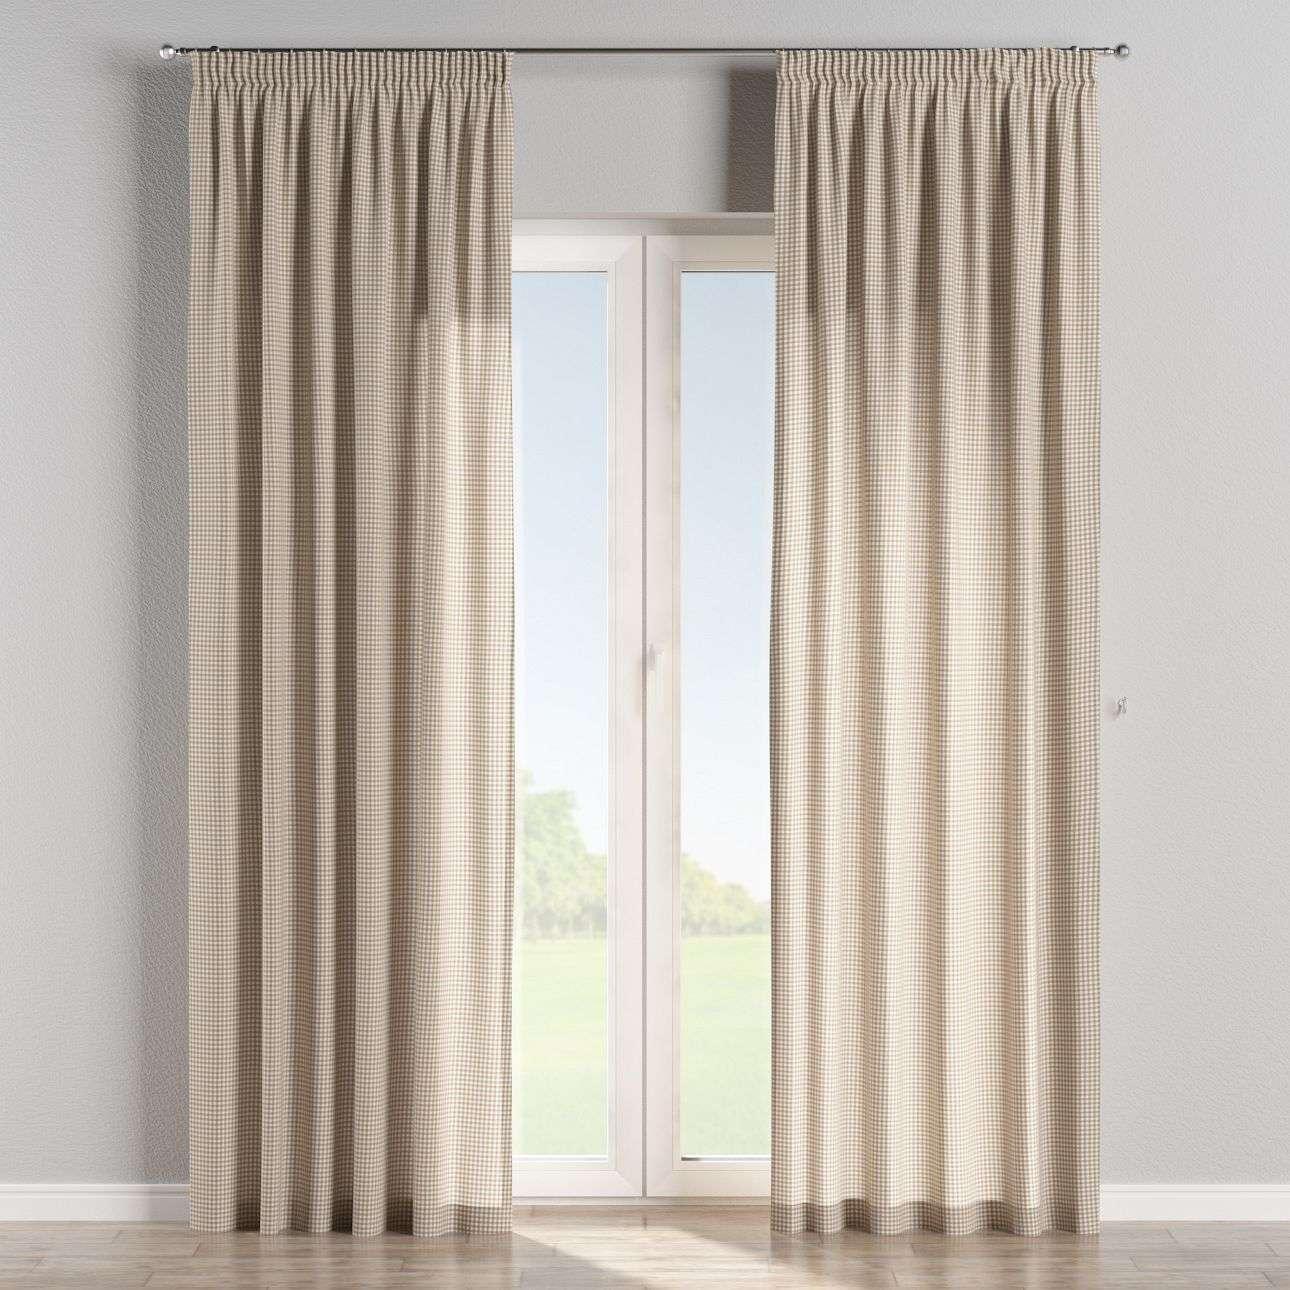 Függöny ráncolóval 130 x 260 cm a kollekcióból Lakástextil Quadro, Dekoranyag: 136-05